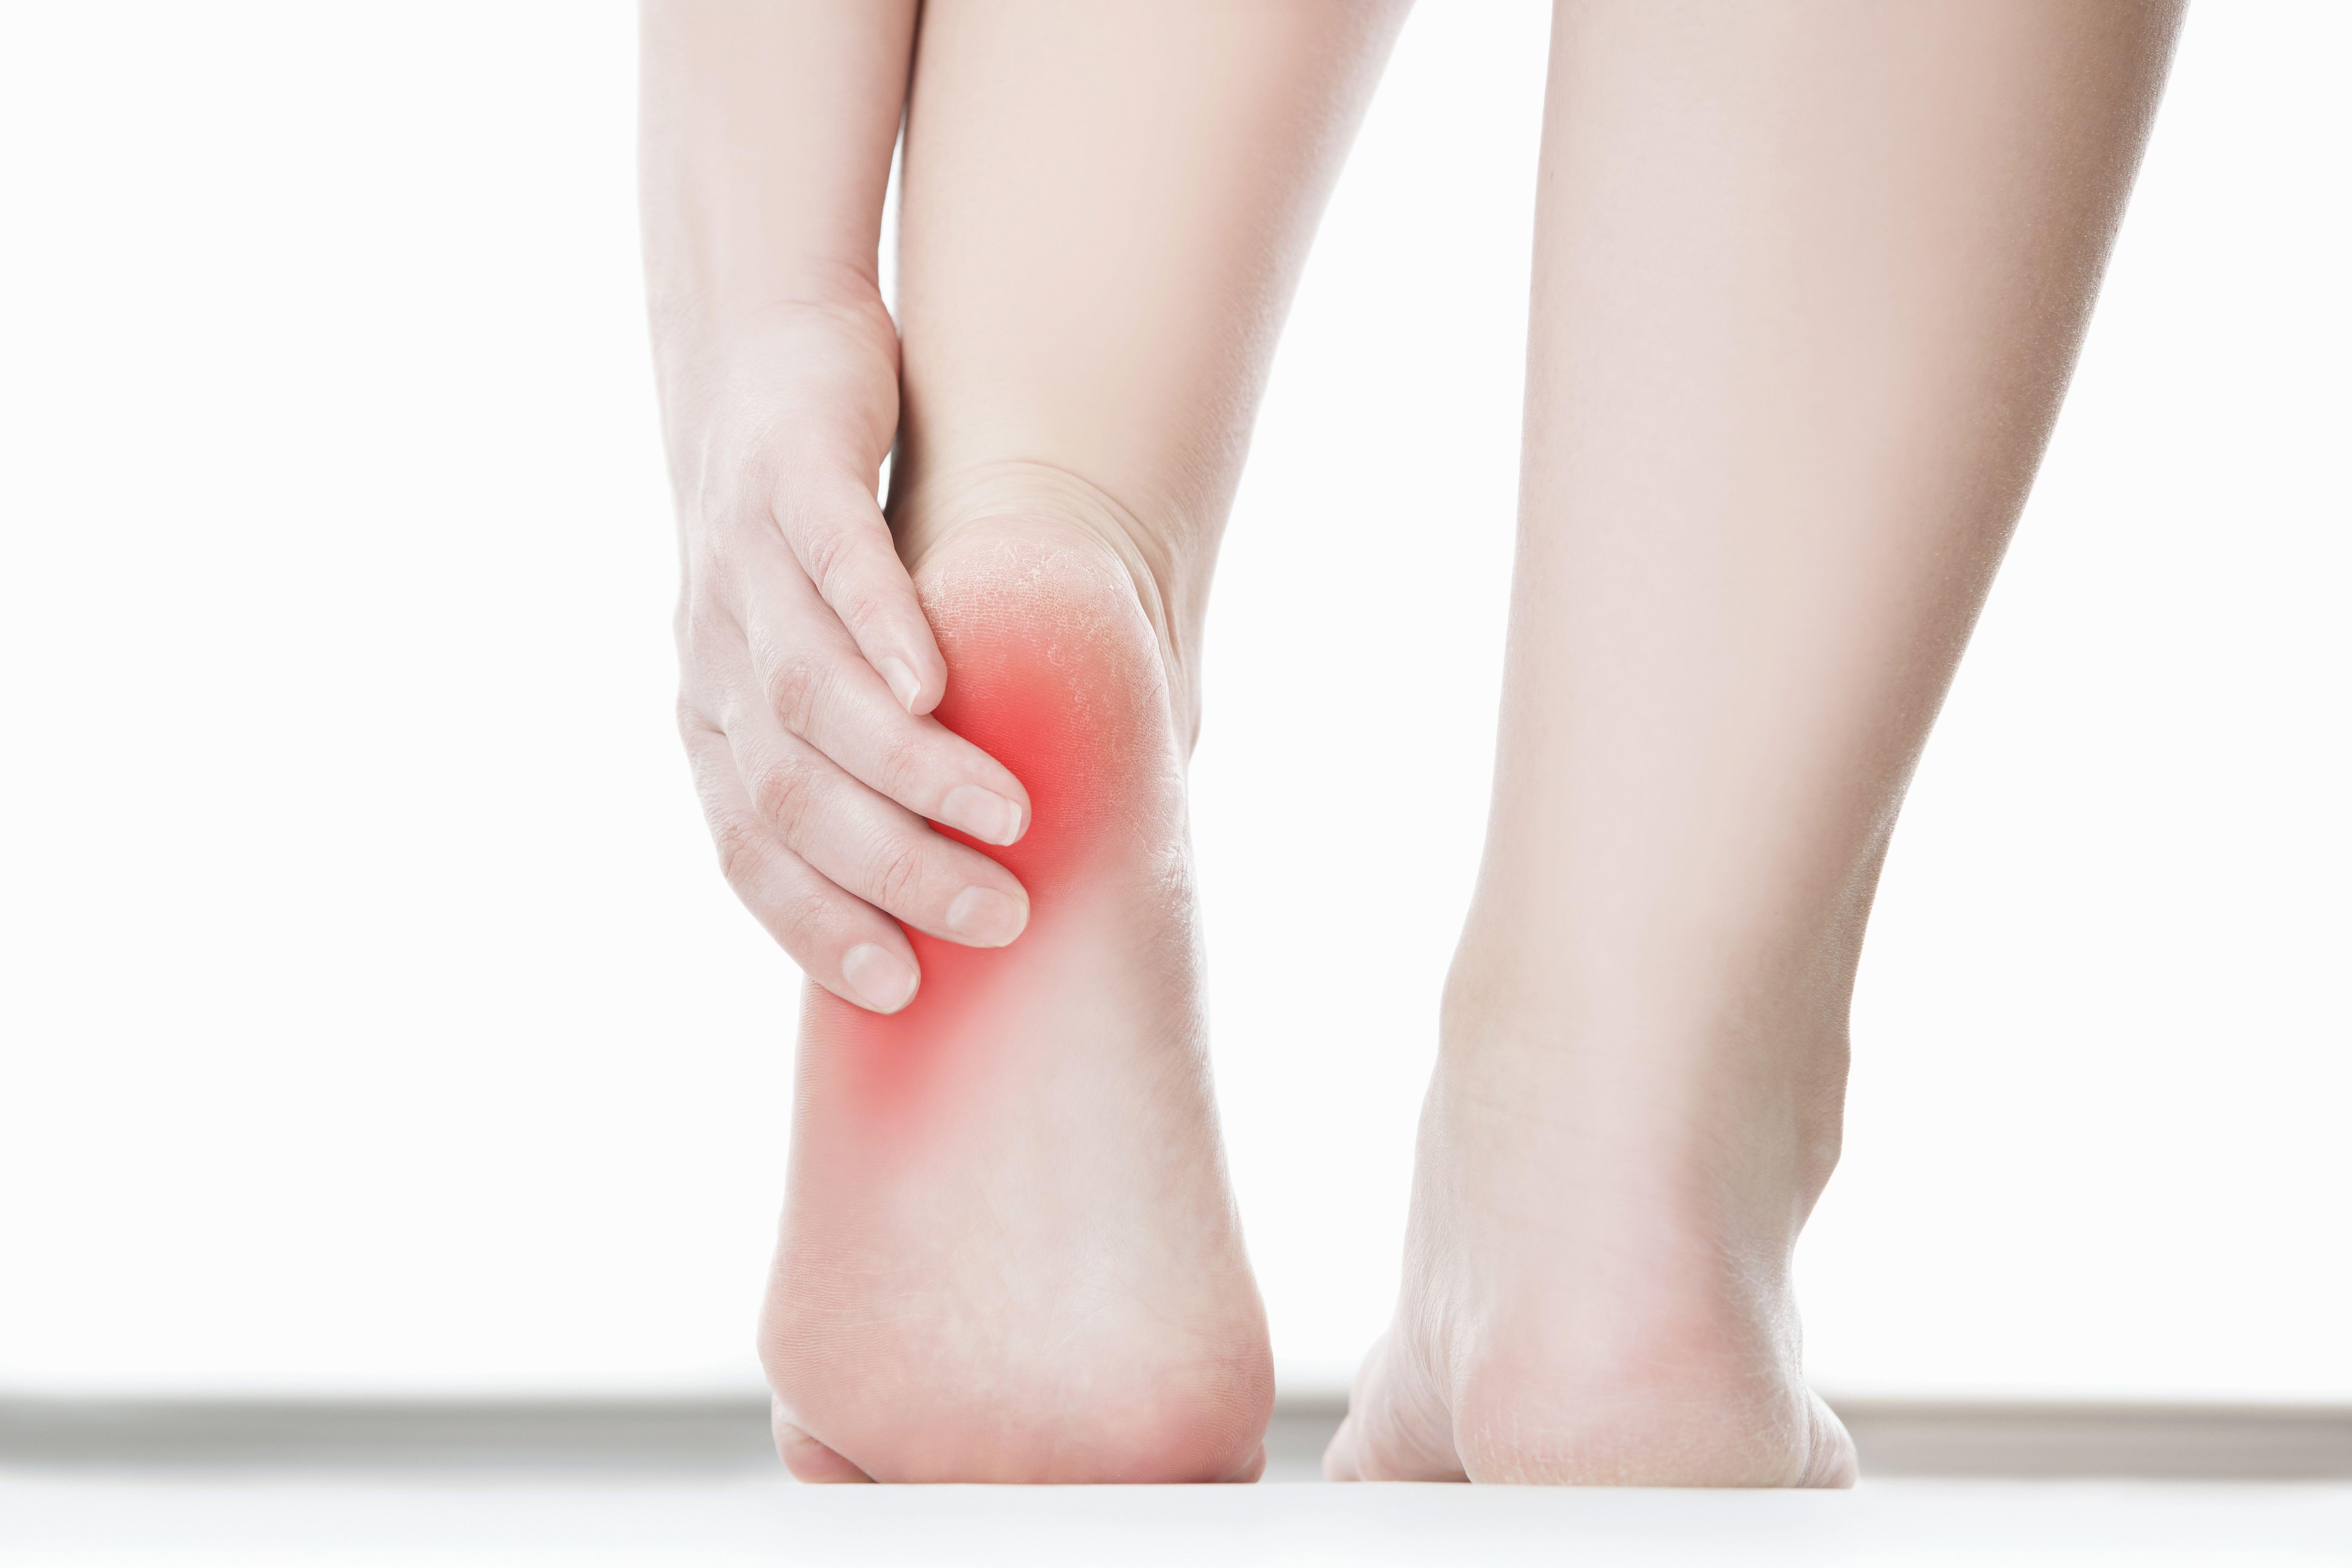 Болит стопа при ходьбе -7 возможных причин и локации боли